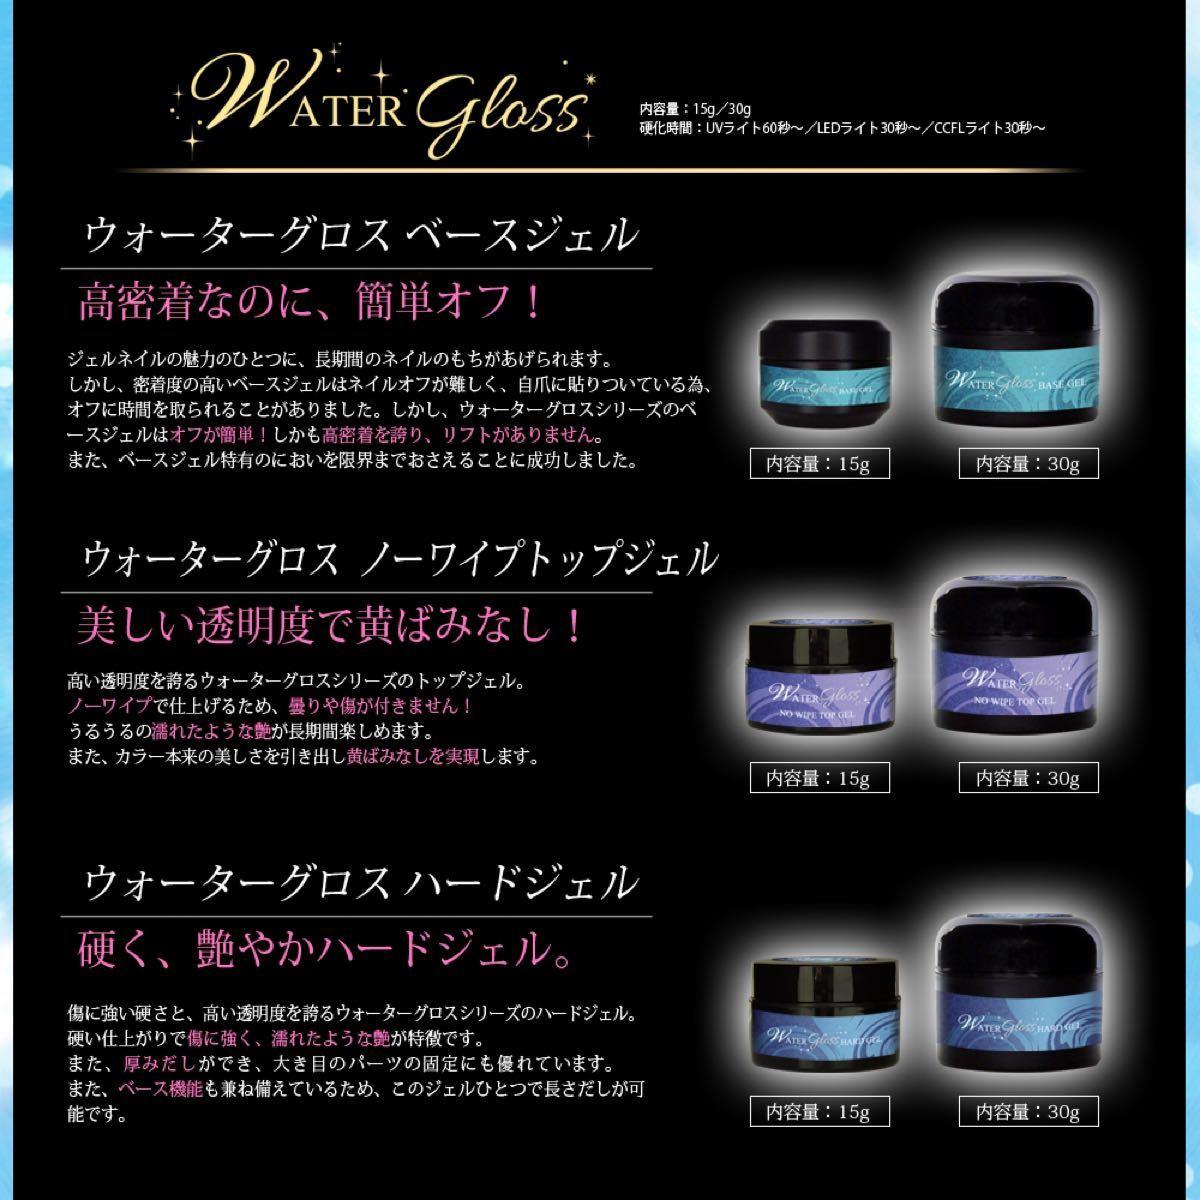 【ジェルネイル】ウォーターグロスジェル トップ&ベース&ハード 各15g